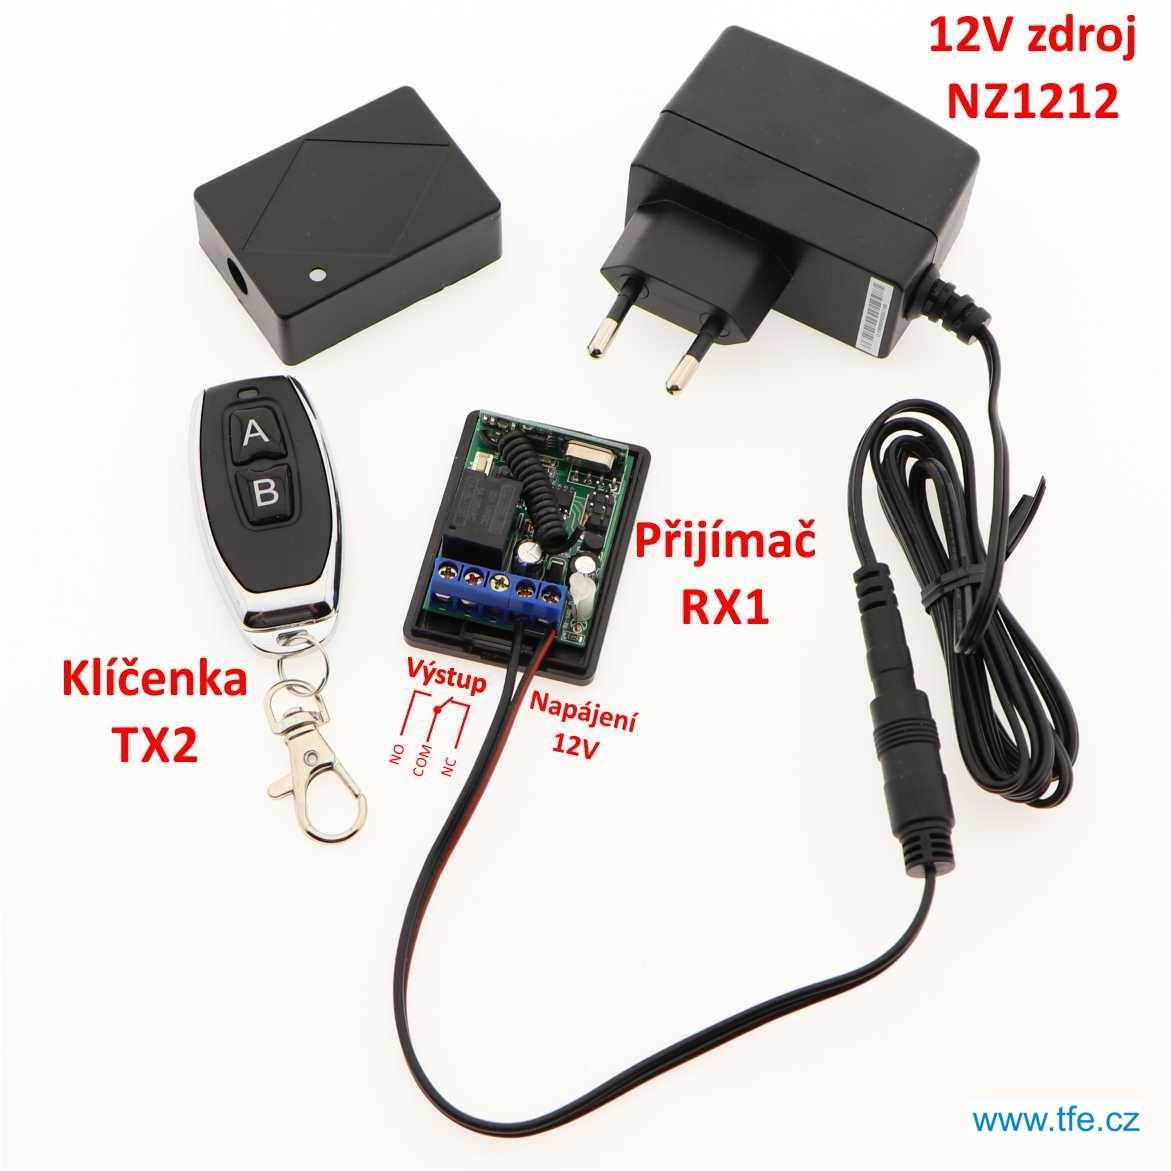 Jednokanálový přijímač RX1